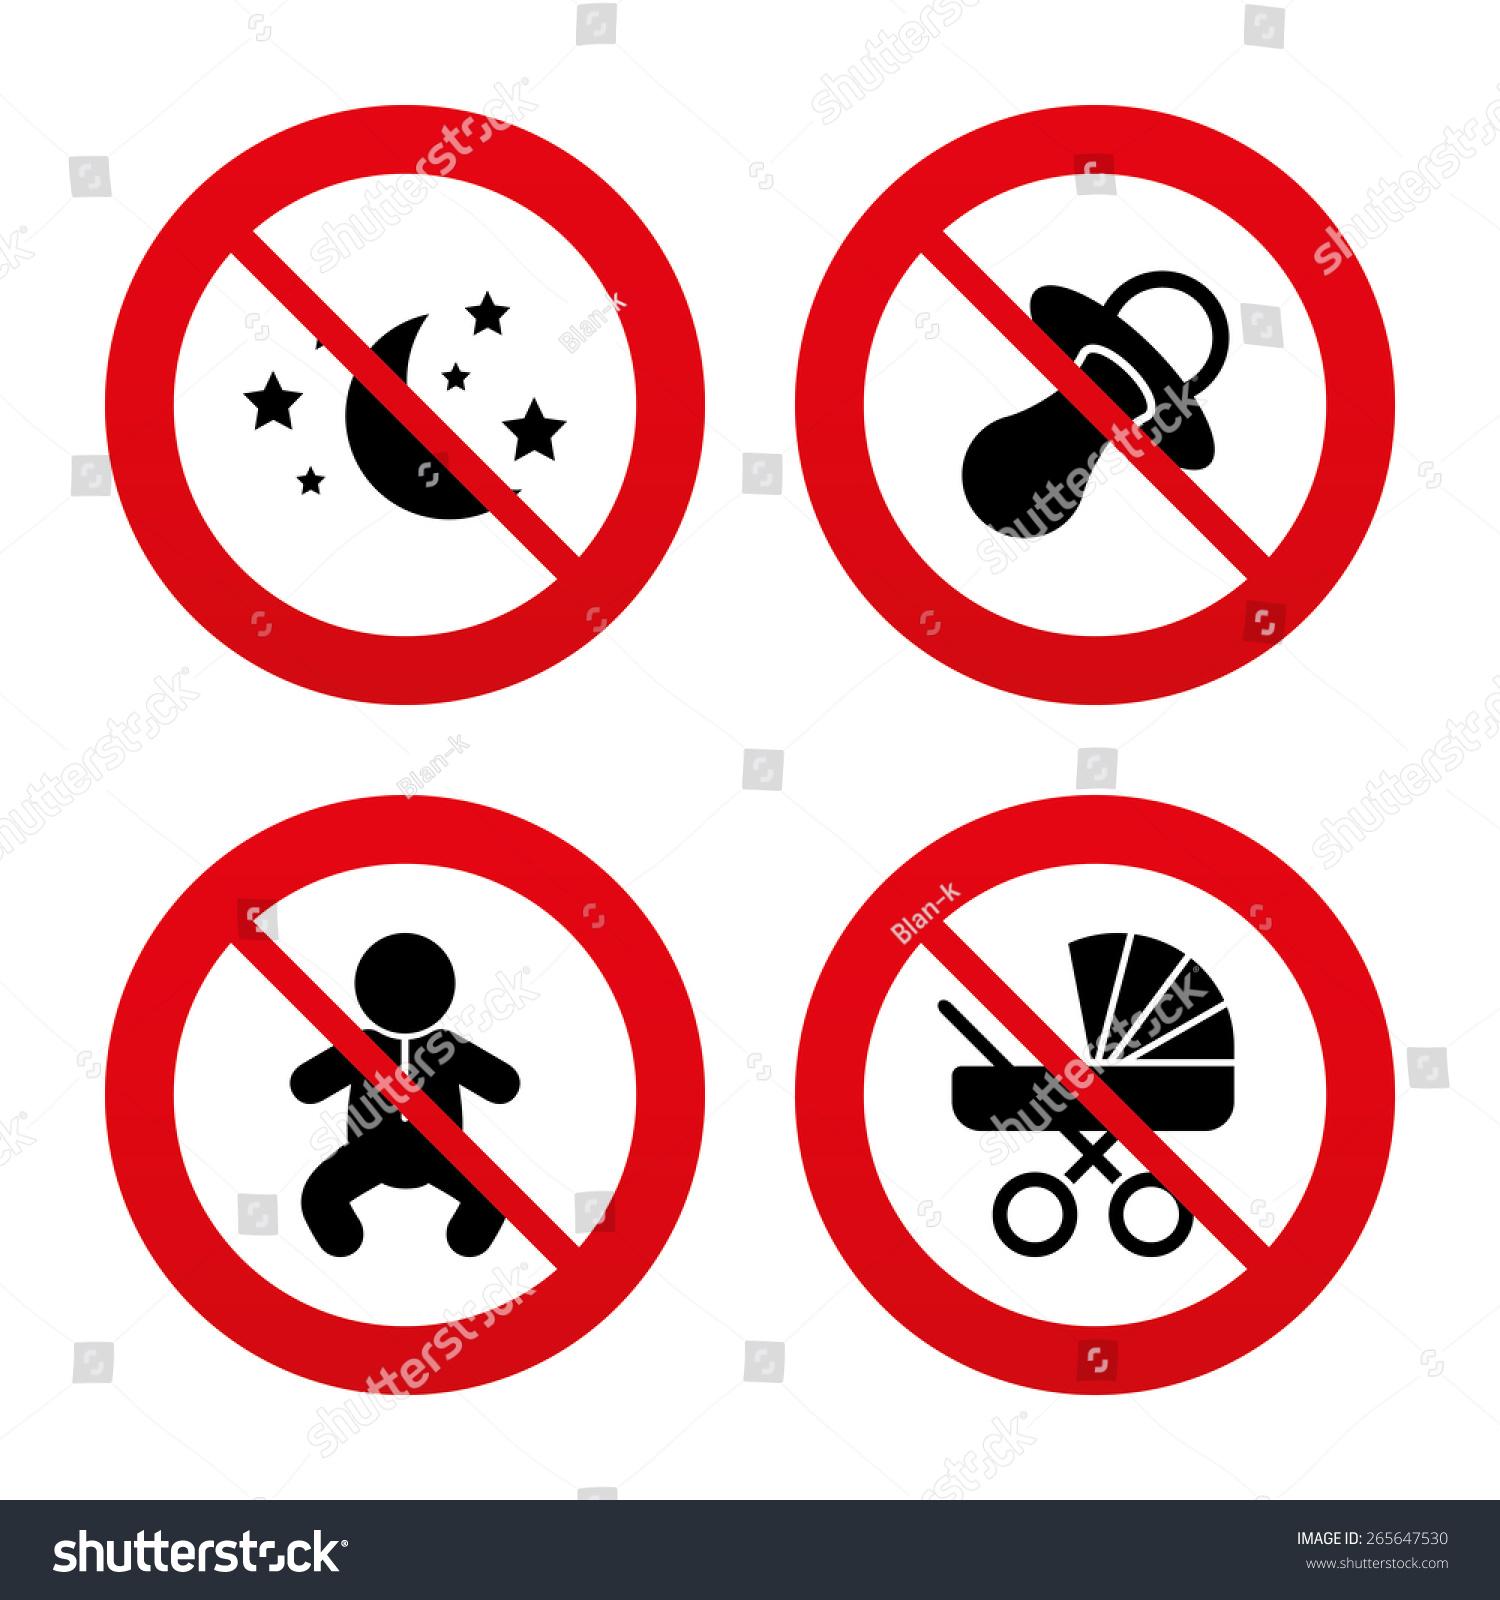 No Ban Stop Signs Moon Stars Stock Vector Royalty Free 265647530